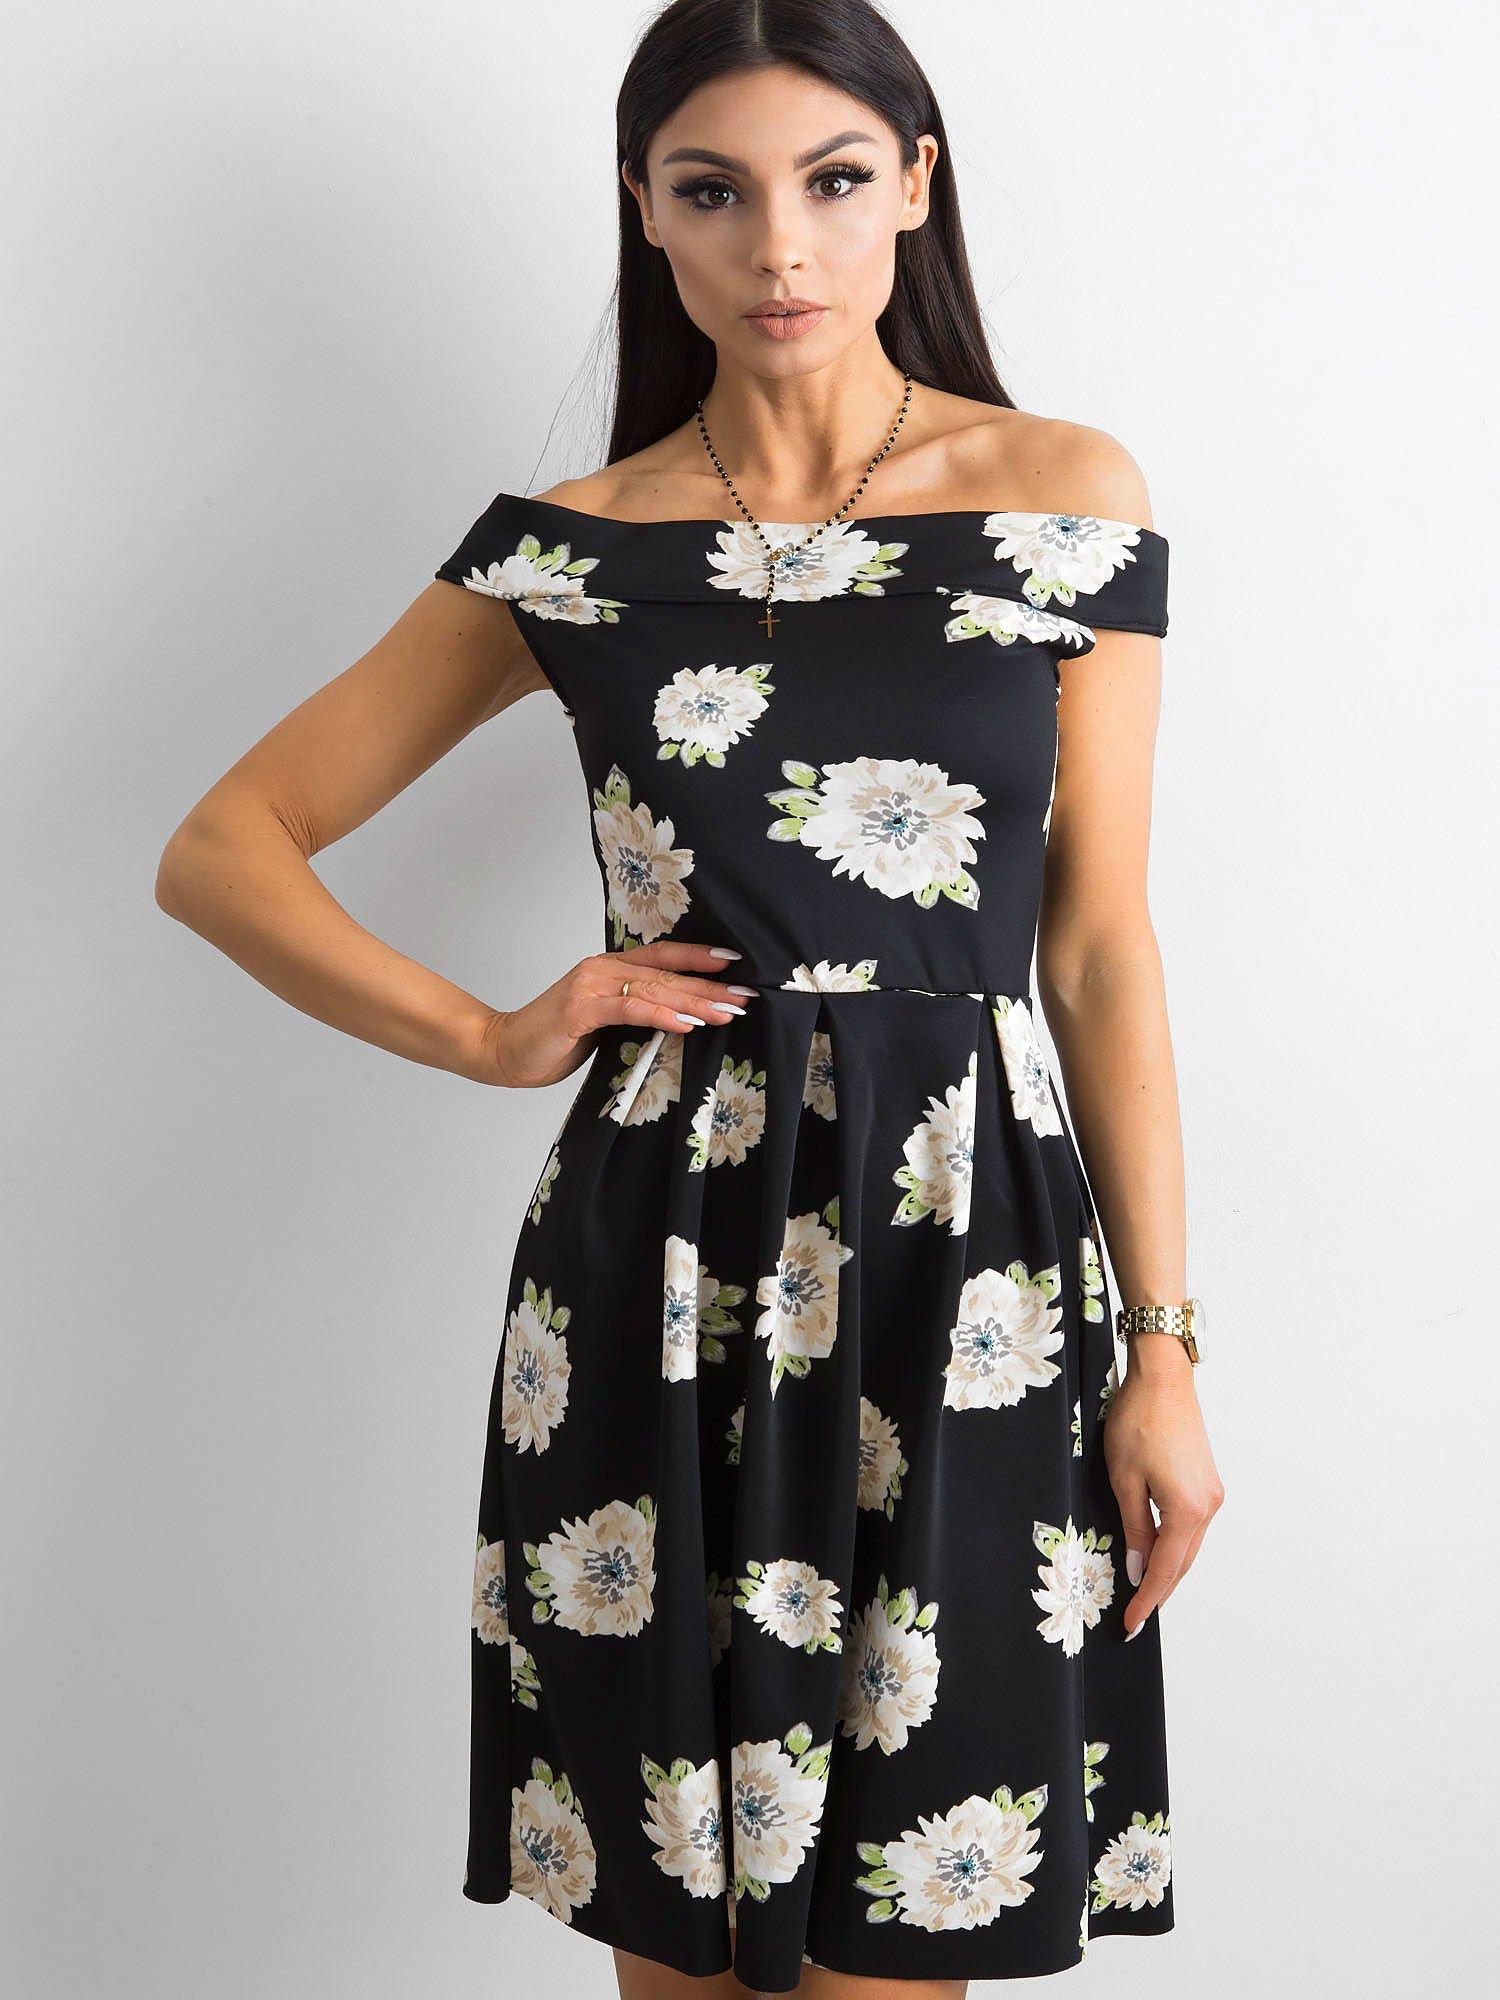 010da6bed4 Sukienka czarna z odsłoniętymi ramionami w kwiatki - Sukienka koktajlowa -  sklep eButik.pl